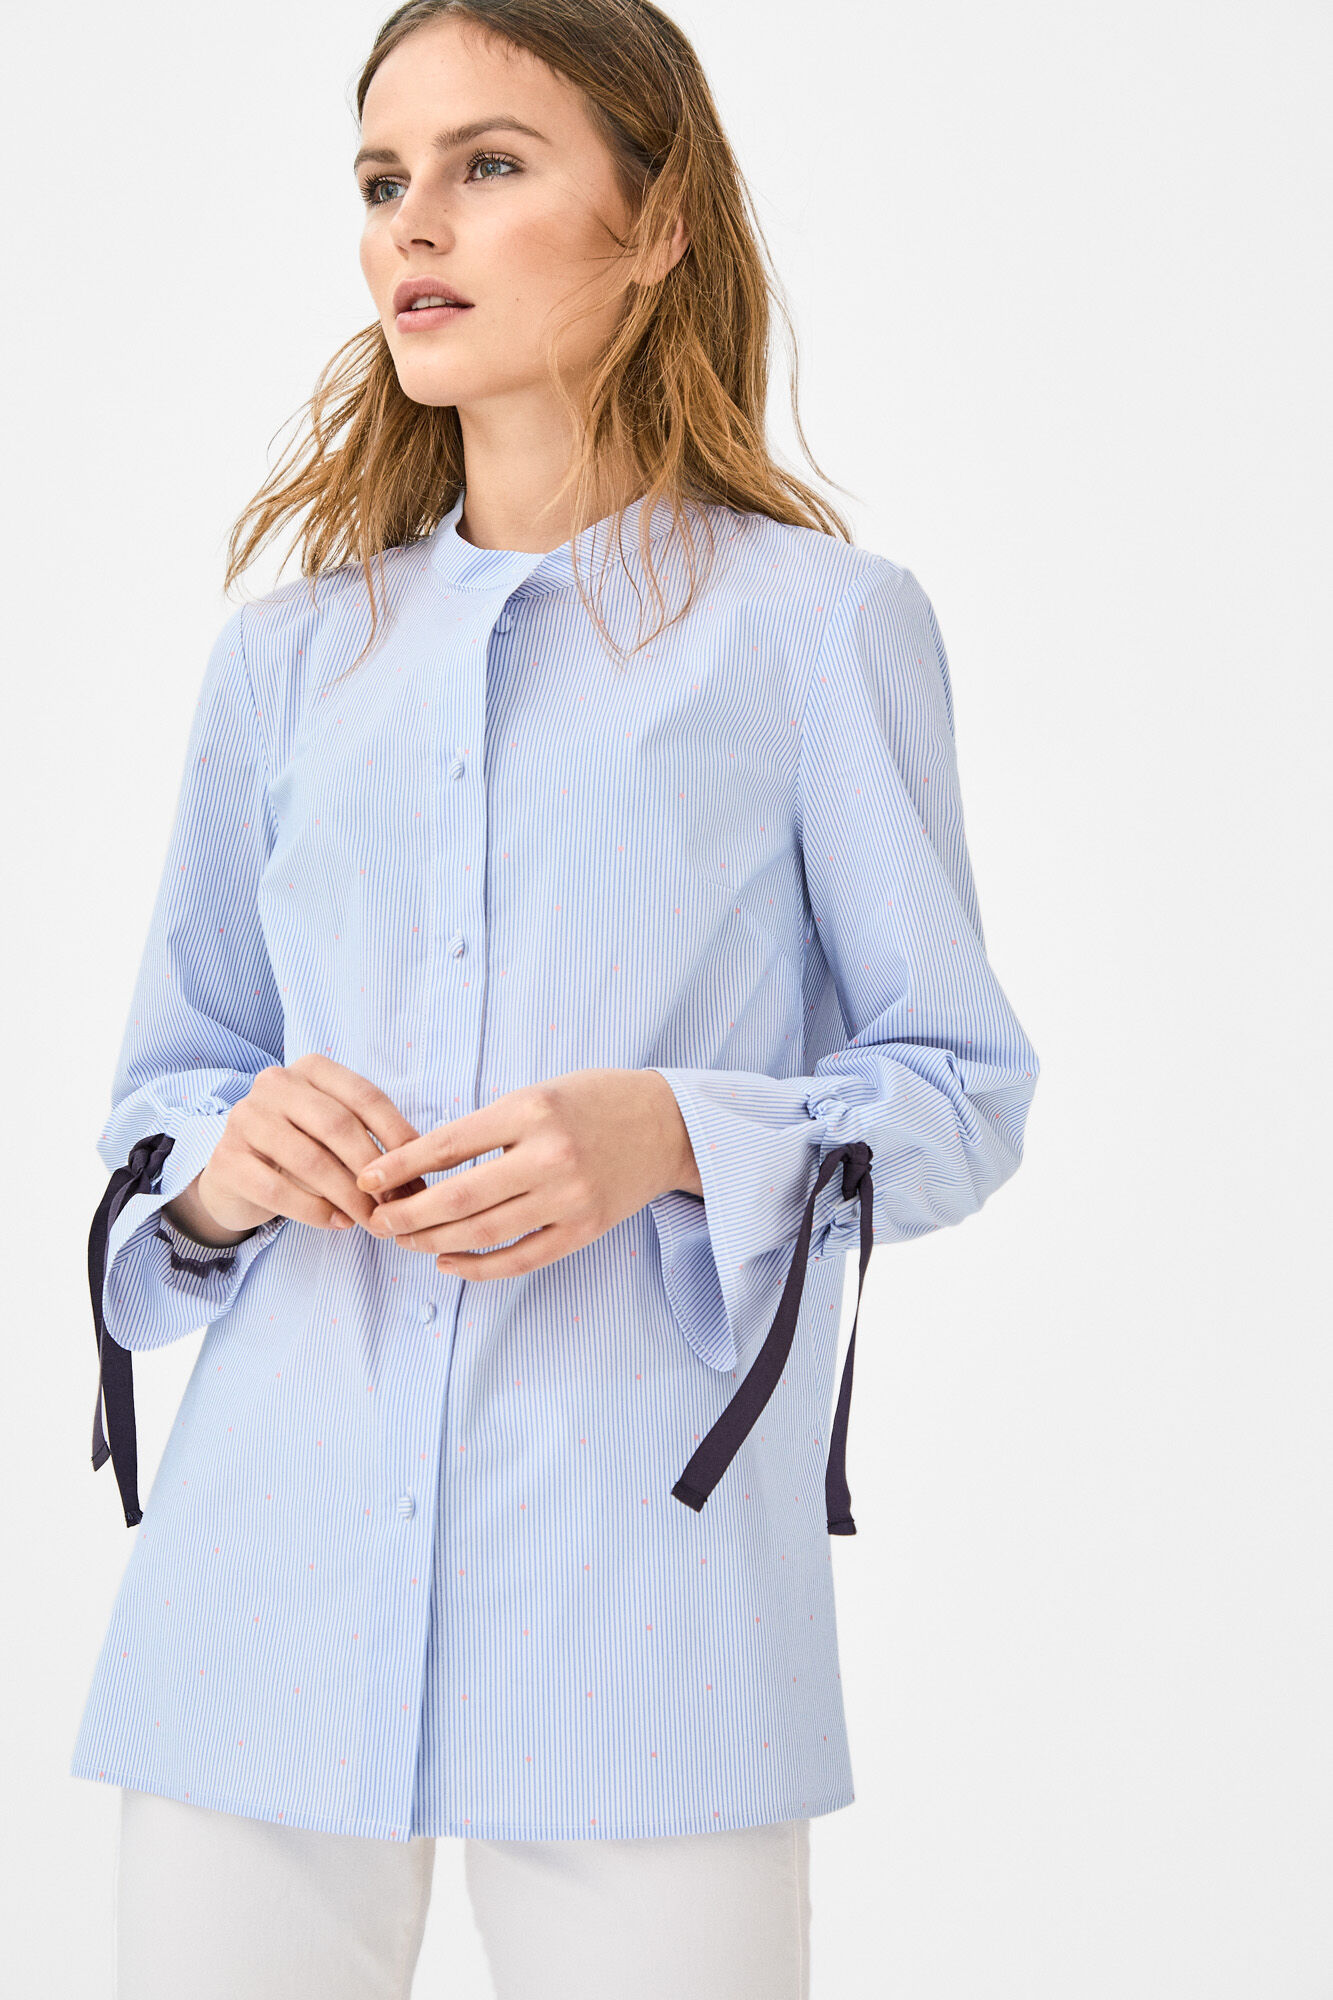 Y De Camisas Cortefiel Mujer Blusas 1x4Uwx